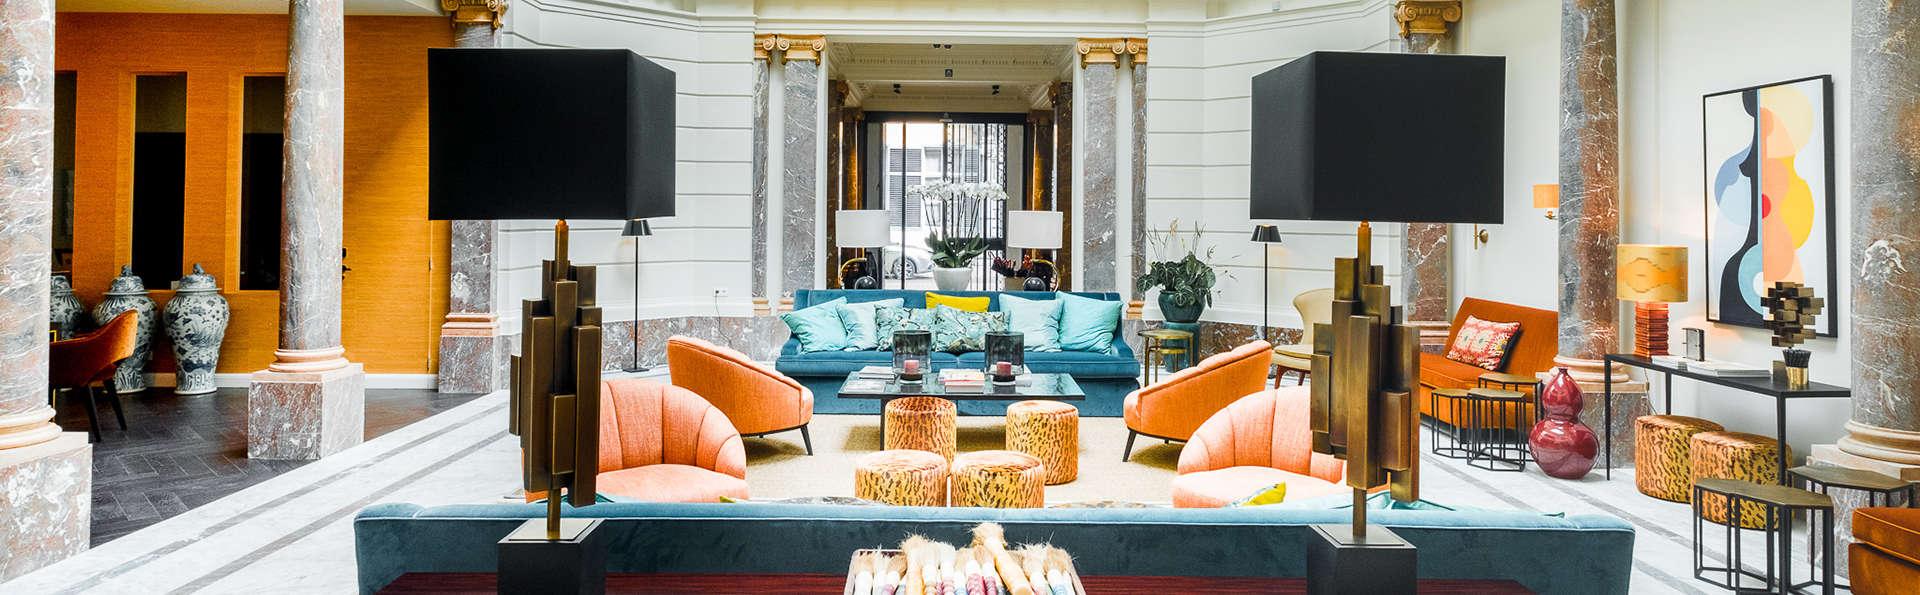 Relais & Châteaux Hotel FRANQ - Edit_Lobby.jpg